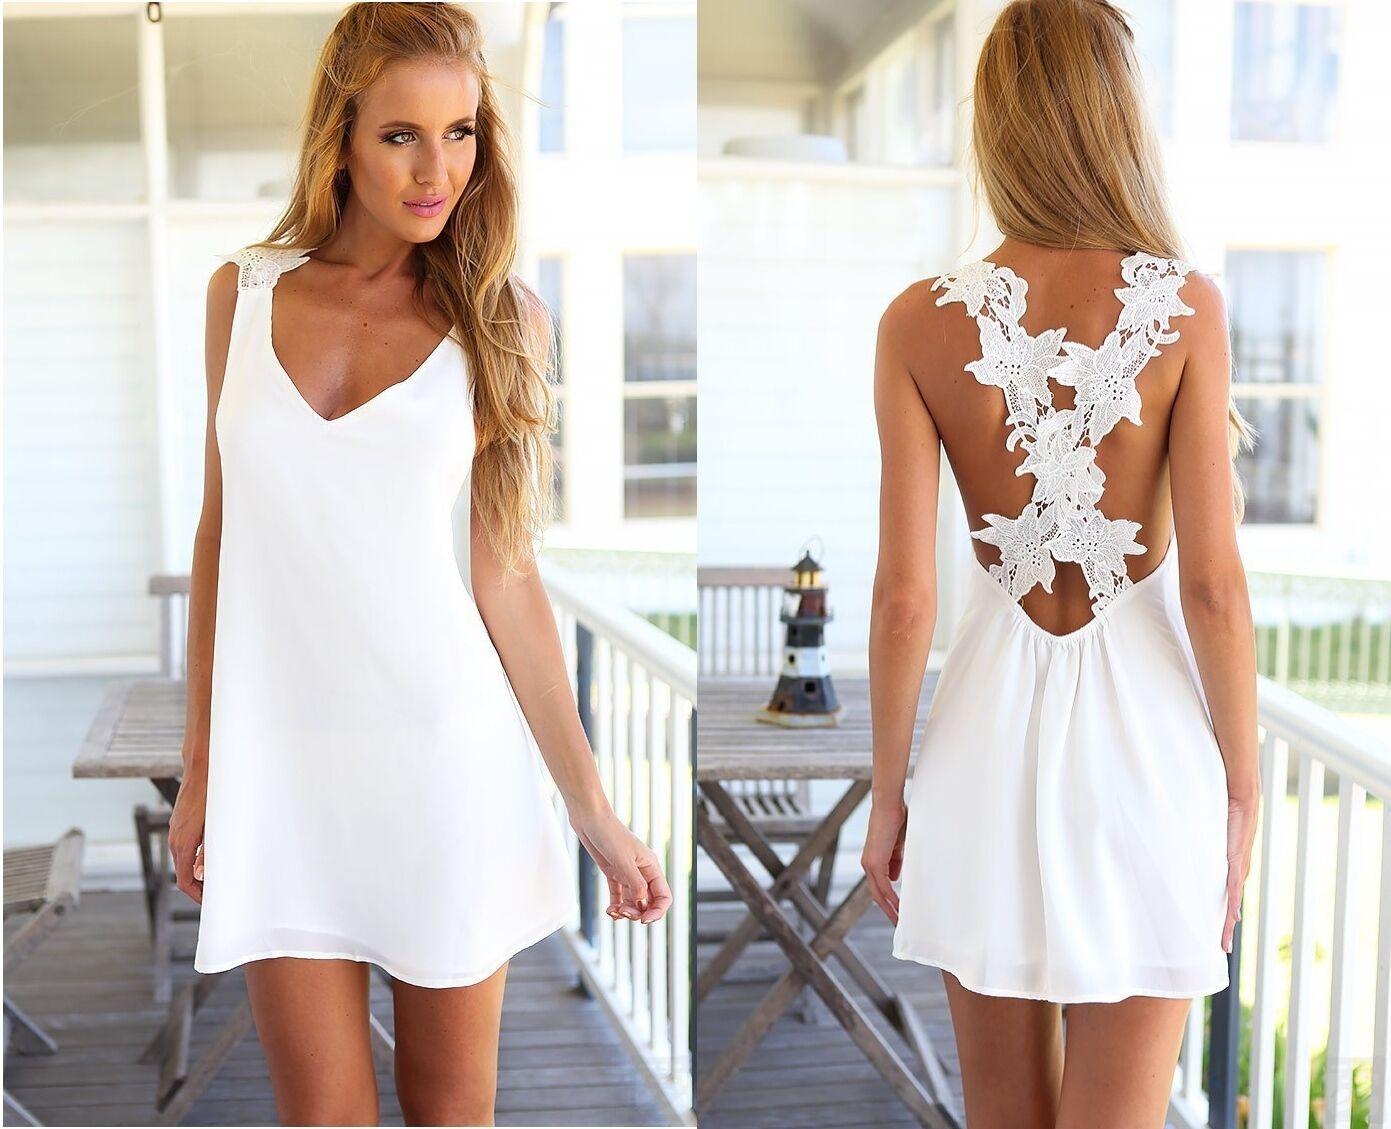 Vestito Copricostume Donna con Pizzo Mini Dress Woman Cover up with Lace 110069